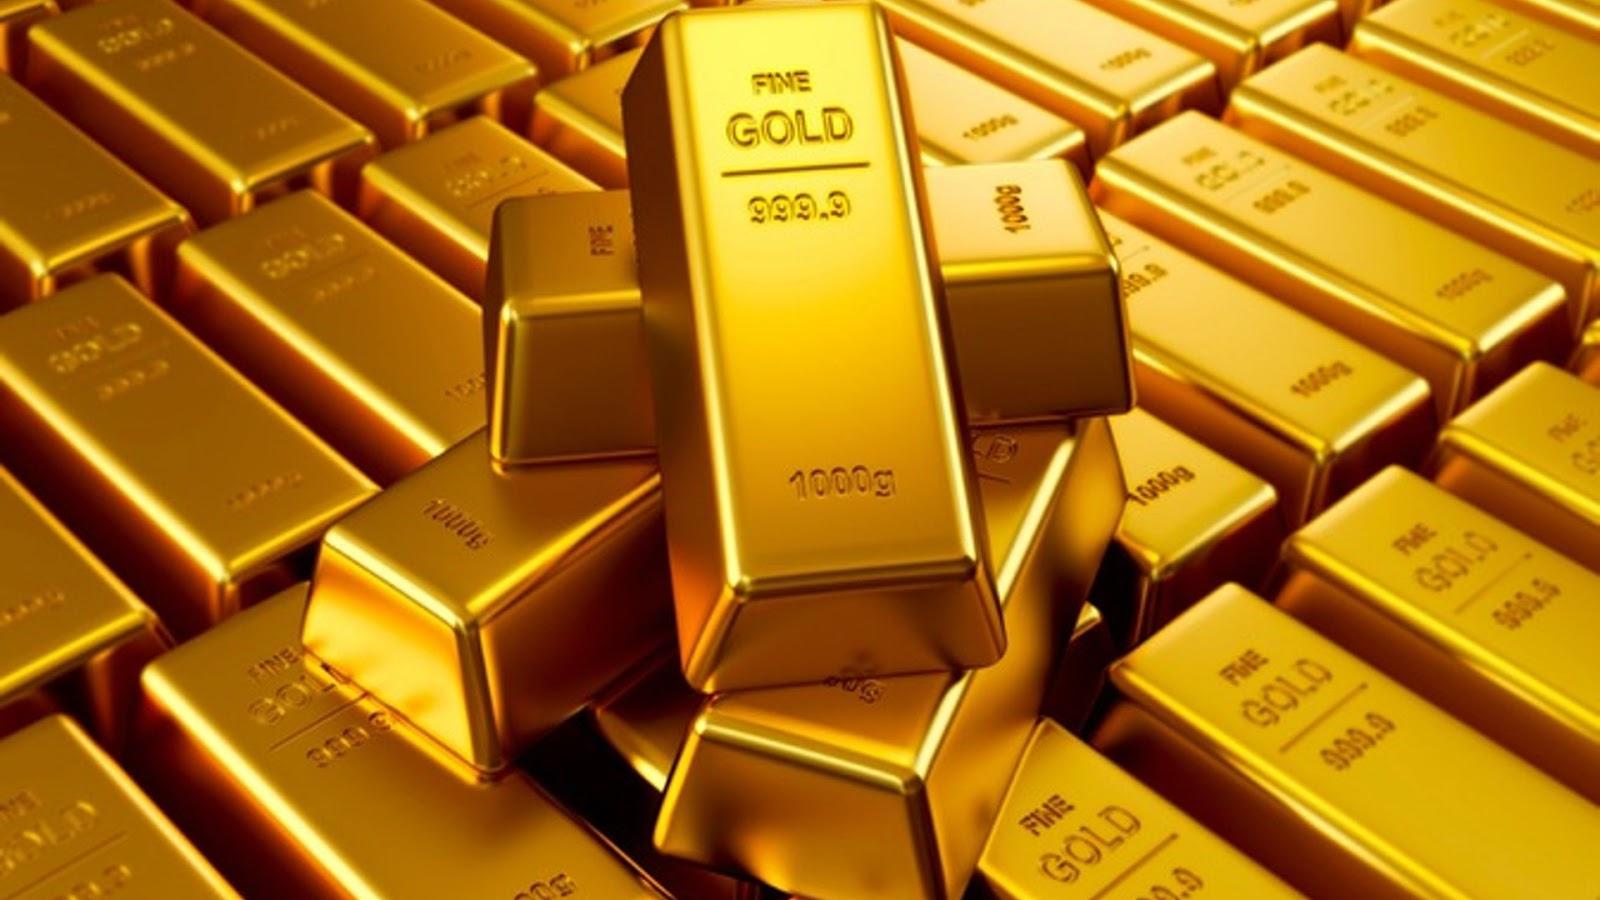 أسعار الذهب وصحة ترامب علاقة عكسية